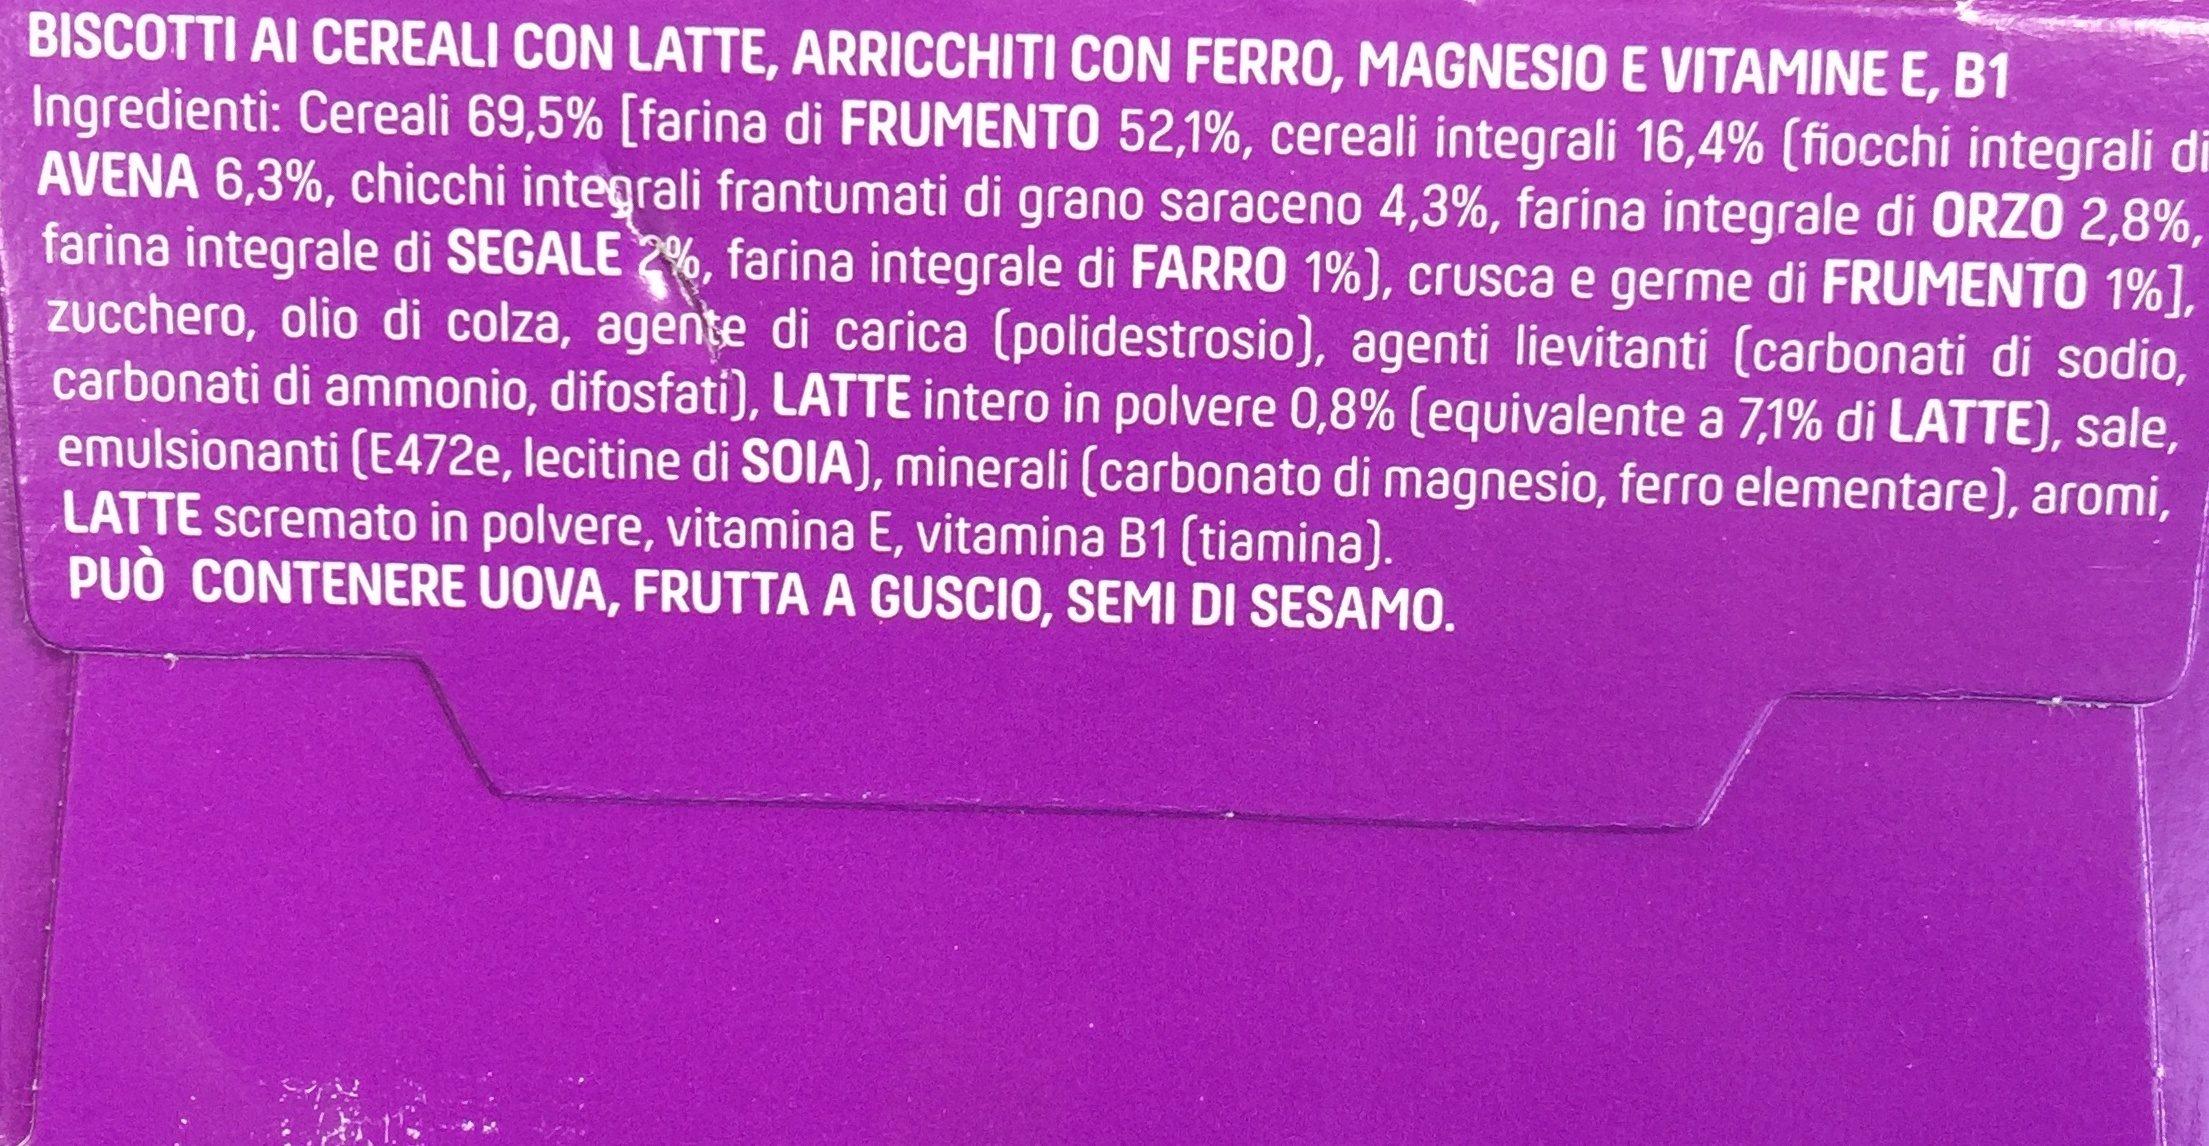 Vitasnella Cereal Breakfast Latte E Cereali 300g - Ingredients - fr